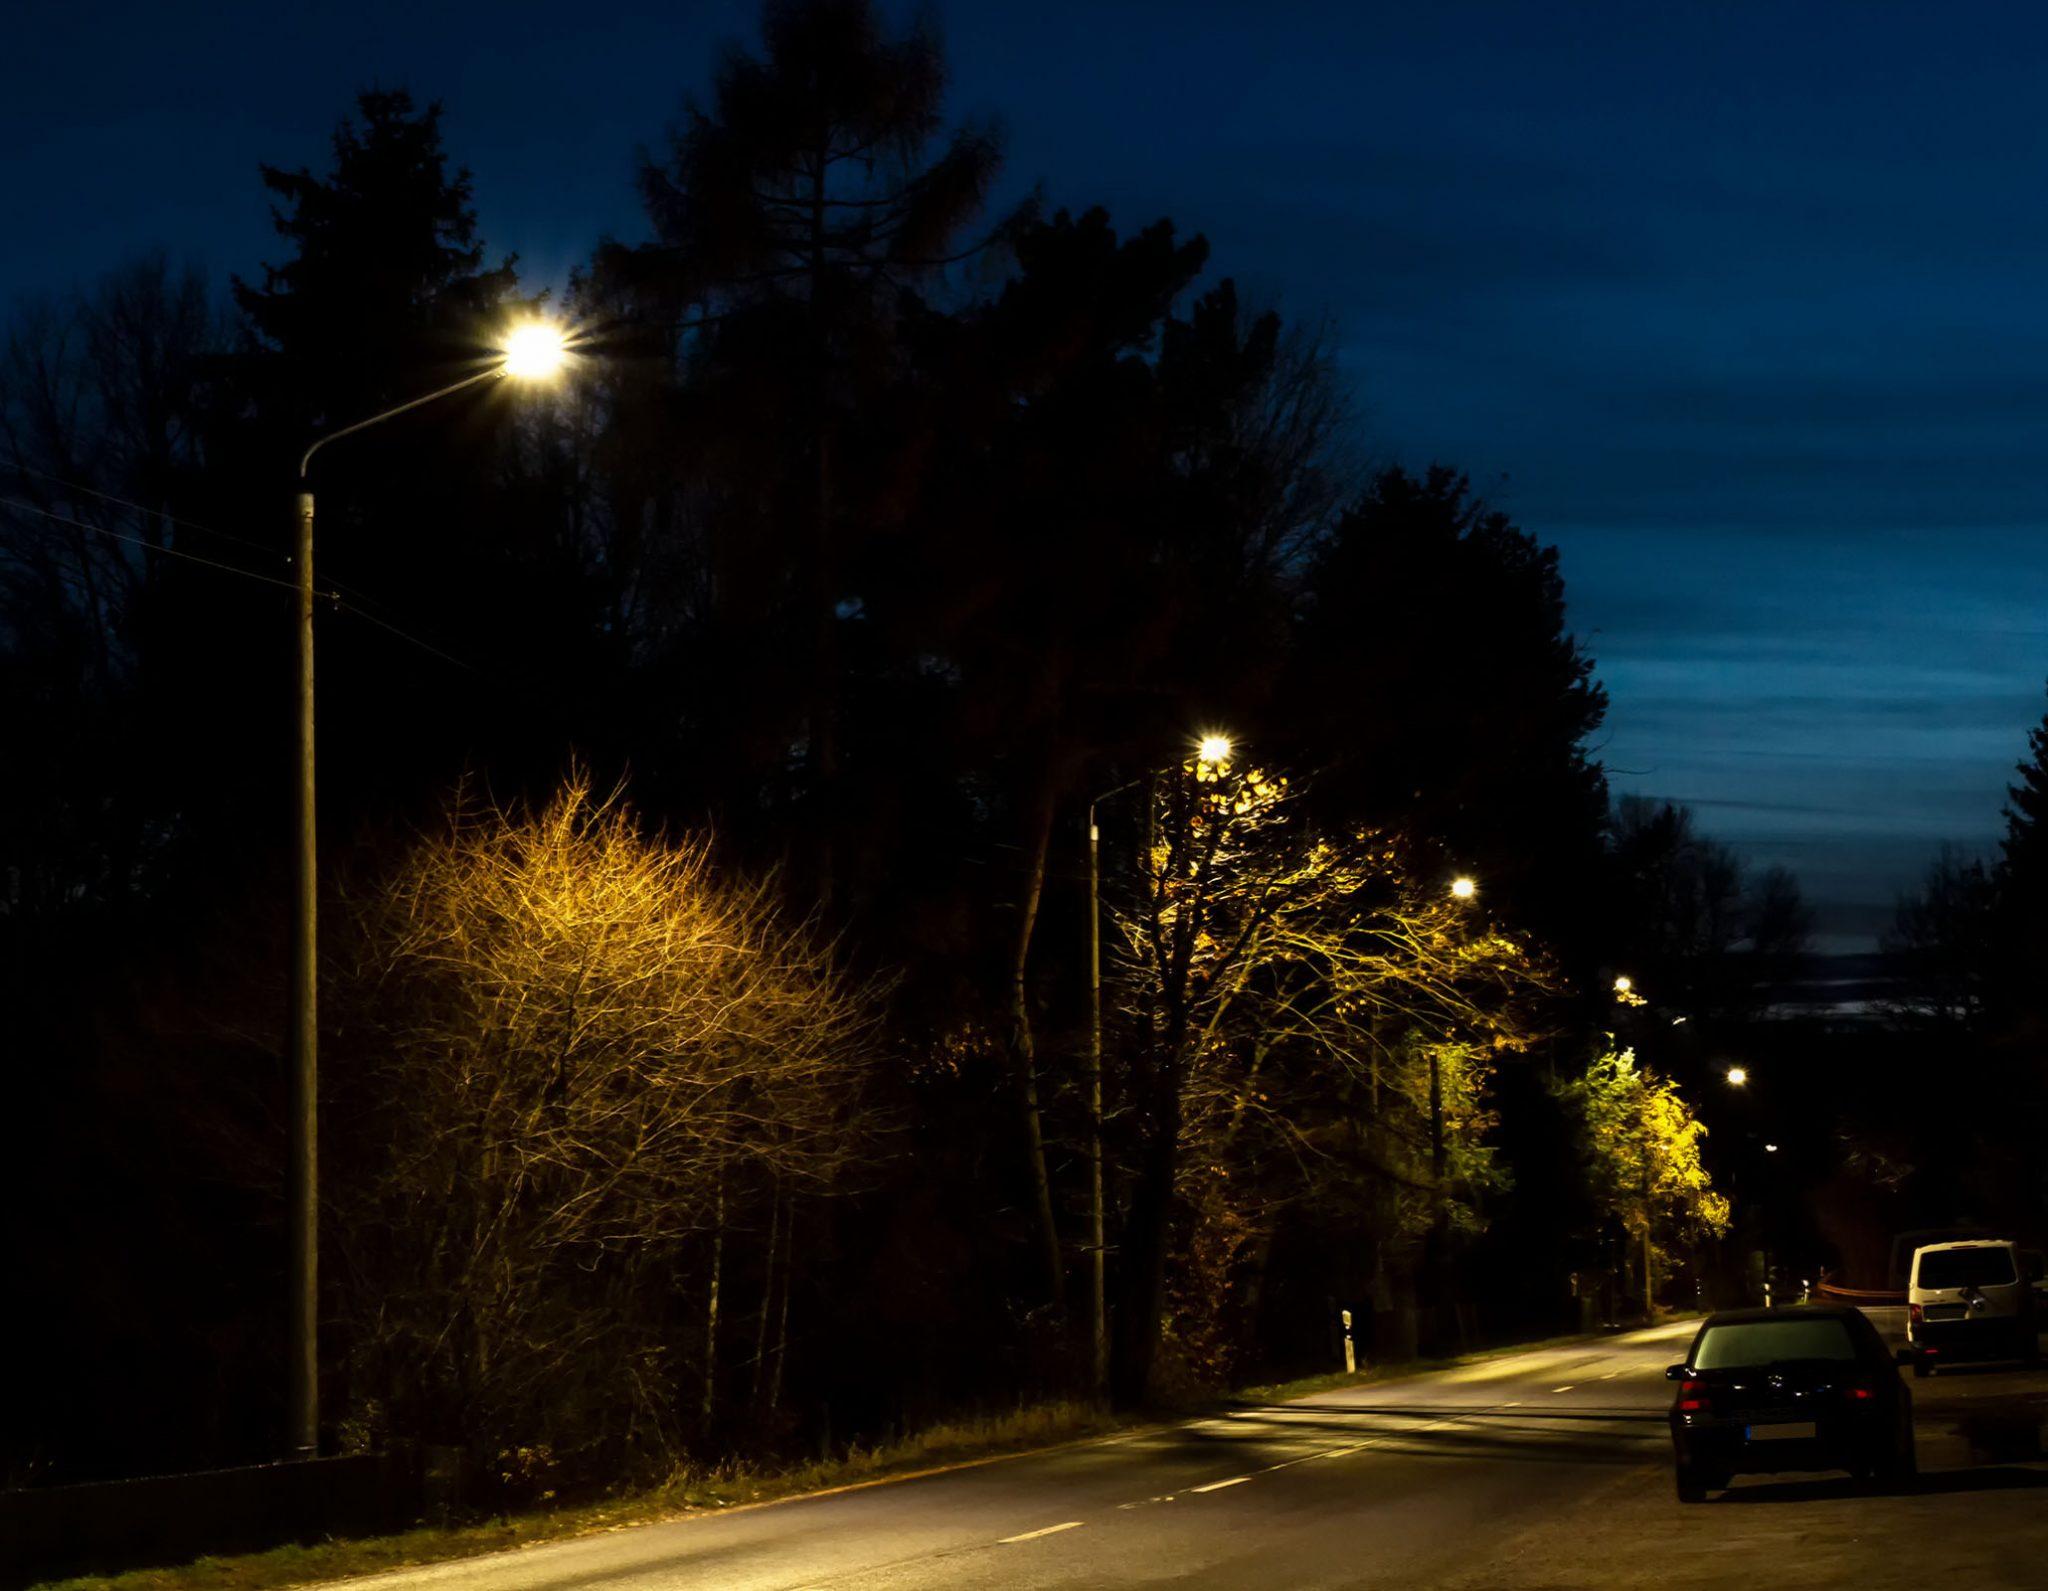 Kommunaler Zweckverband Stadtbeleuchtung